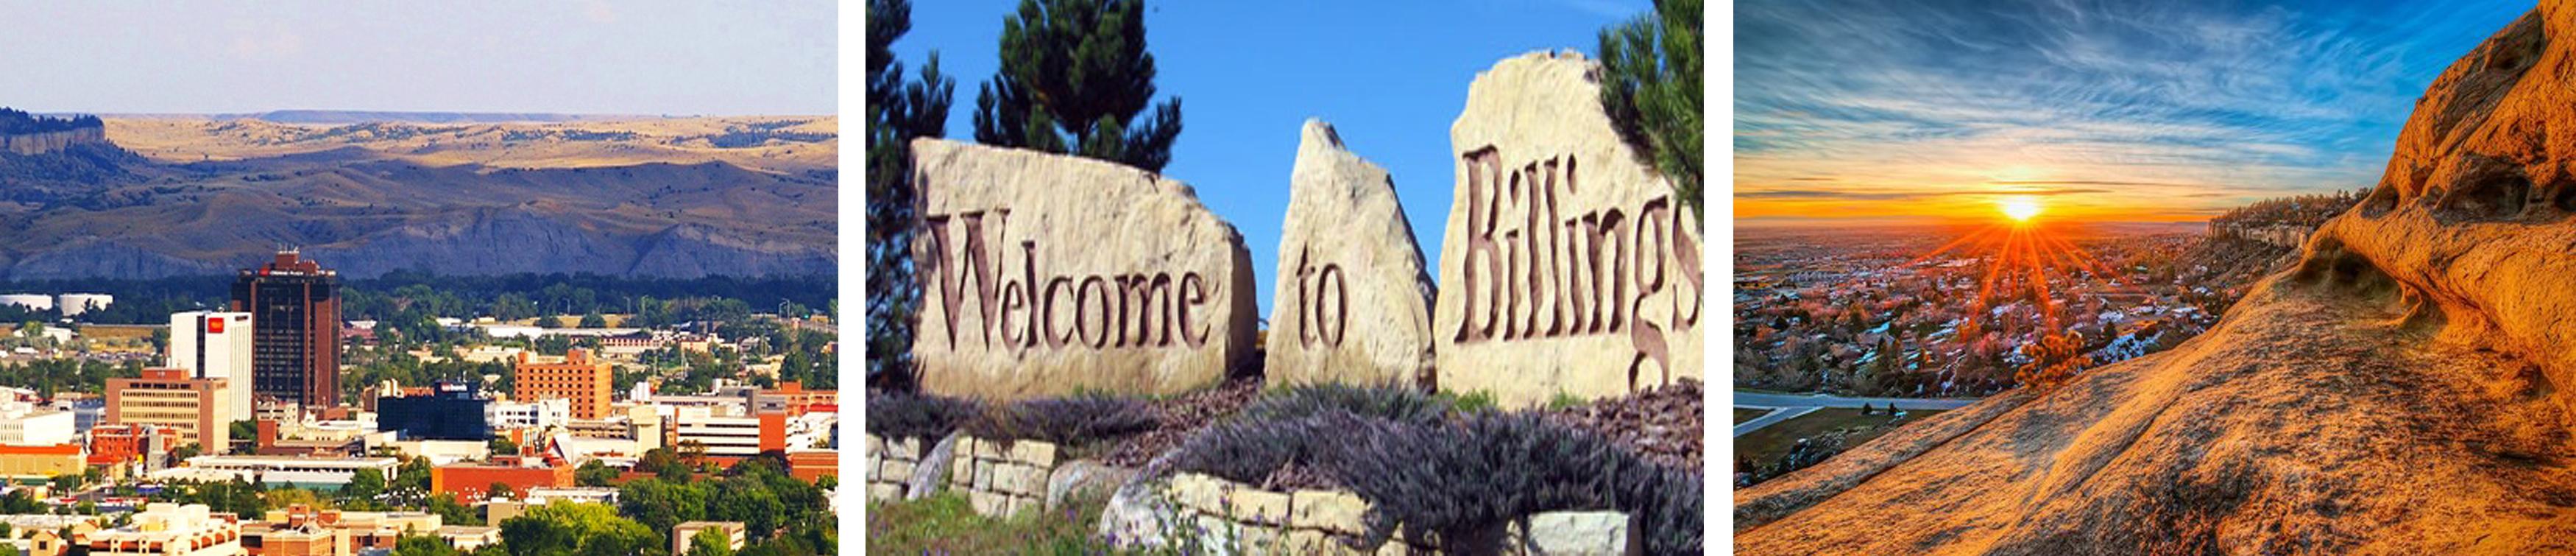 Views of Billings, MT